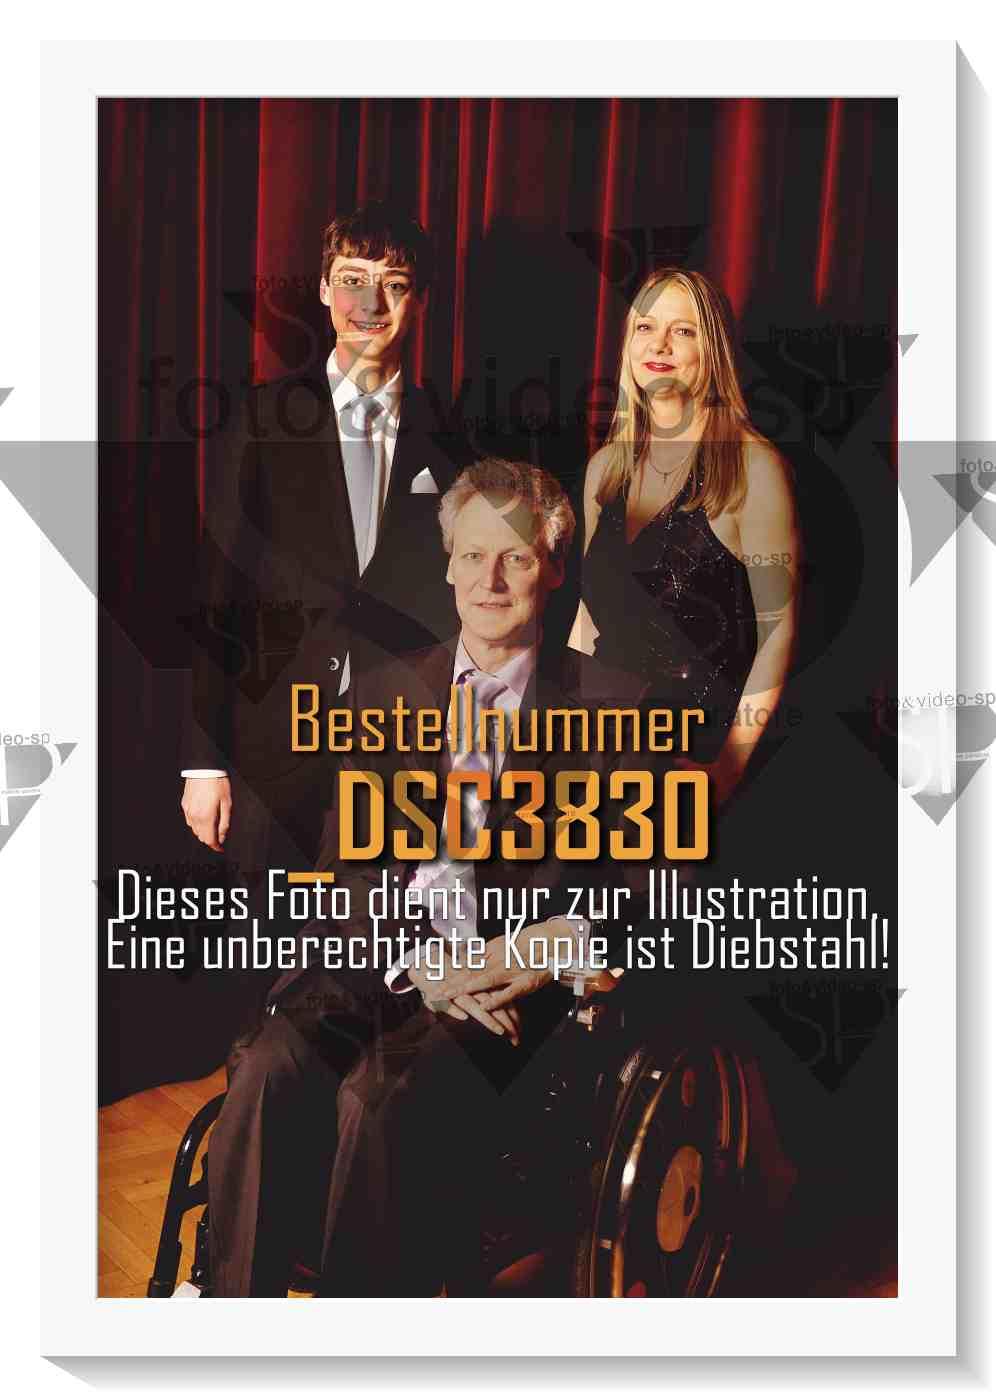 DSC3830